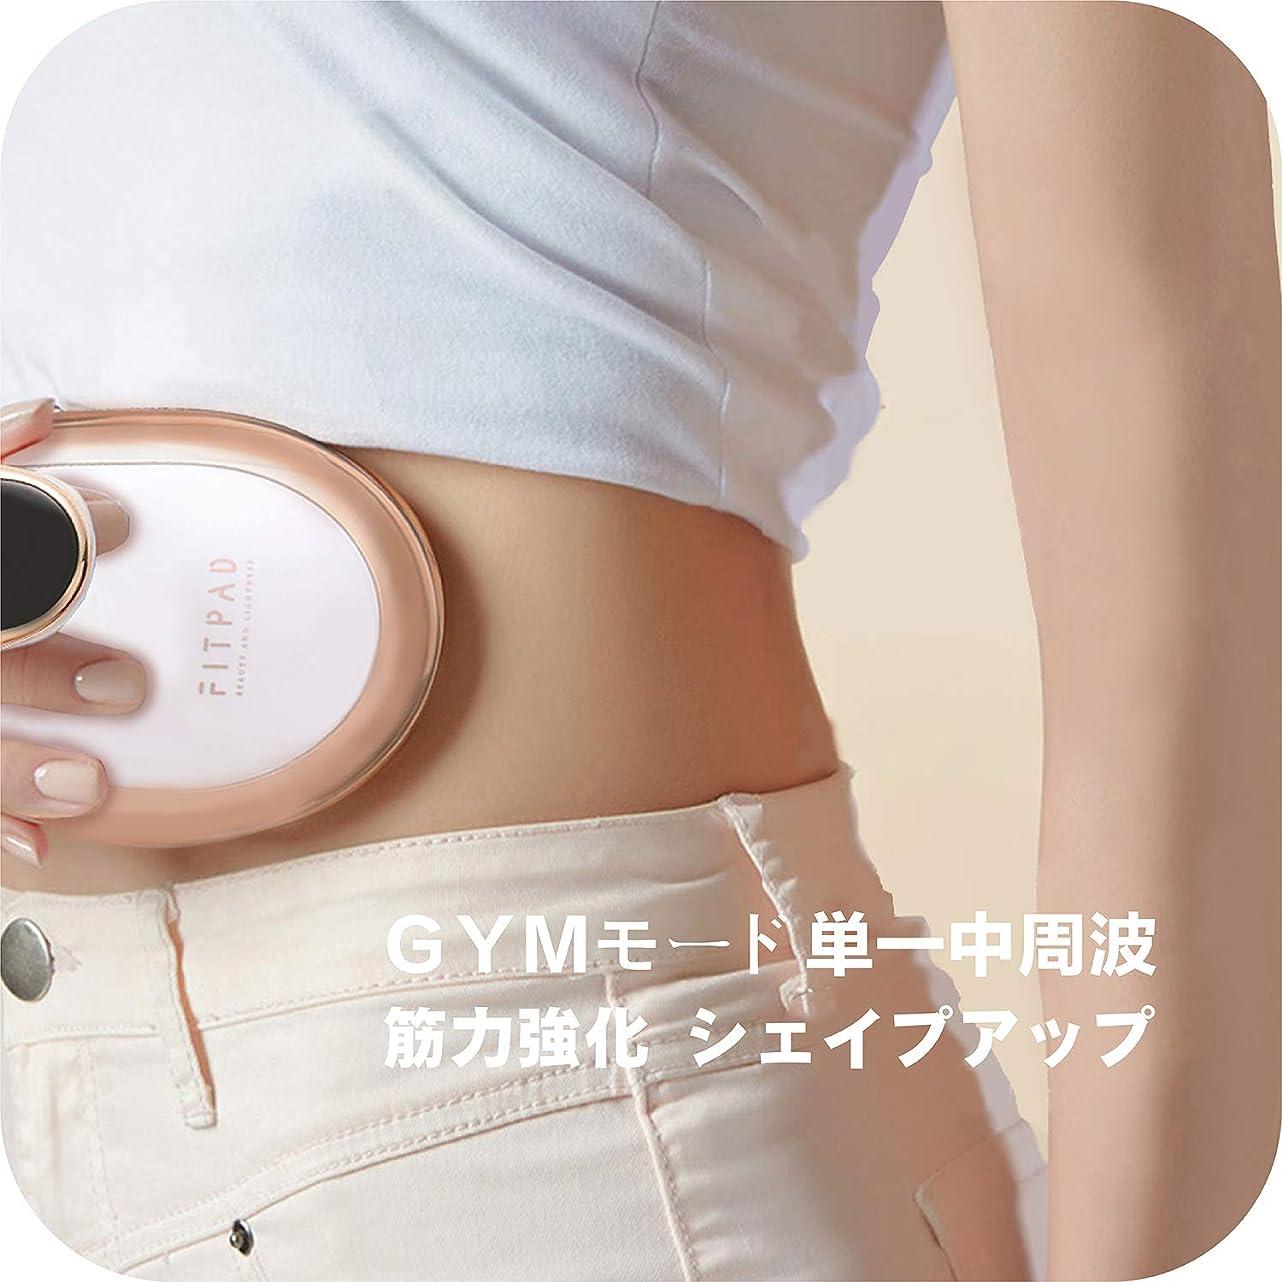 結晶保証第キャビテーション セルライト除去 美容器 マッサージ器 複合中周波EMS 強力キャビテーション シェイプアップ 家庭用 痩身 運動機器 健康機械 男女兼用